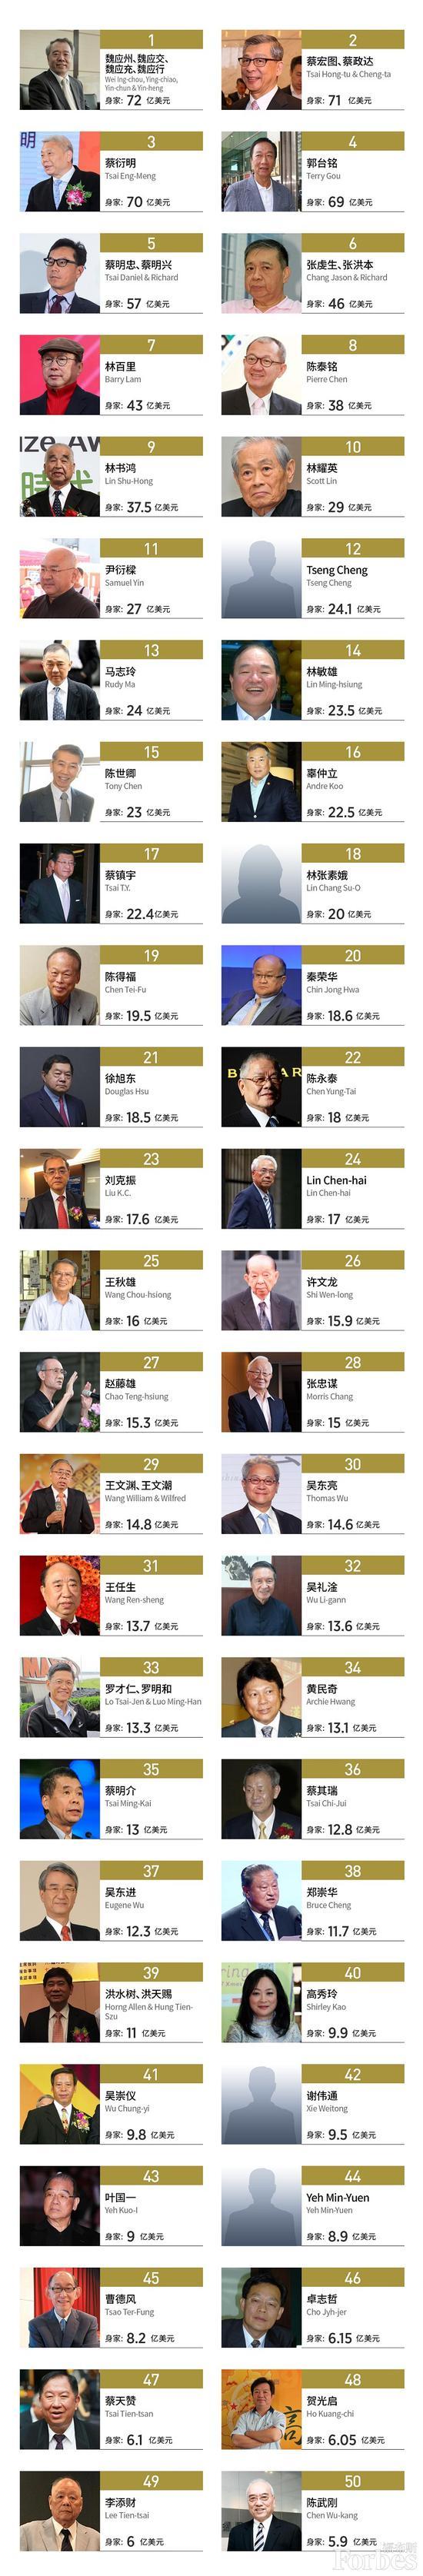 福布斯公布中国台湾富豪榜:郭台铭跌出前三图片